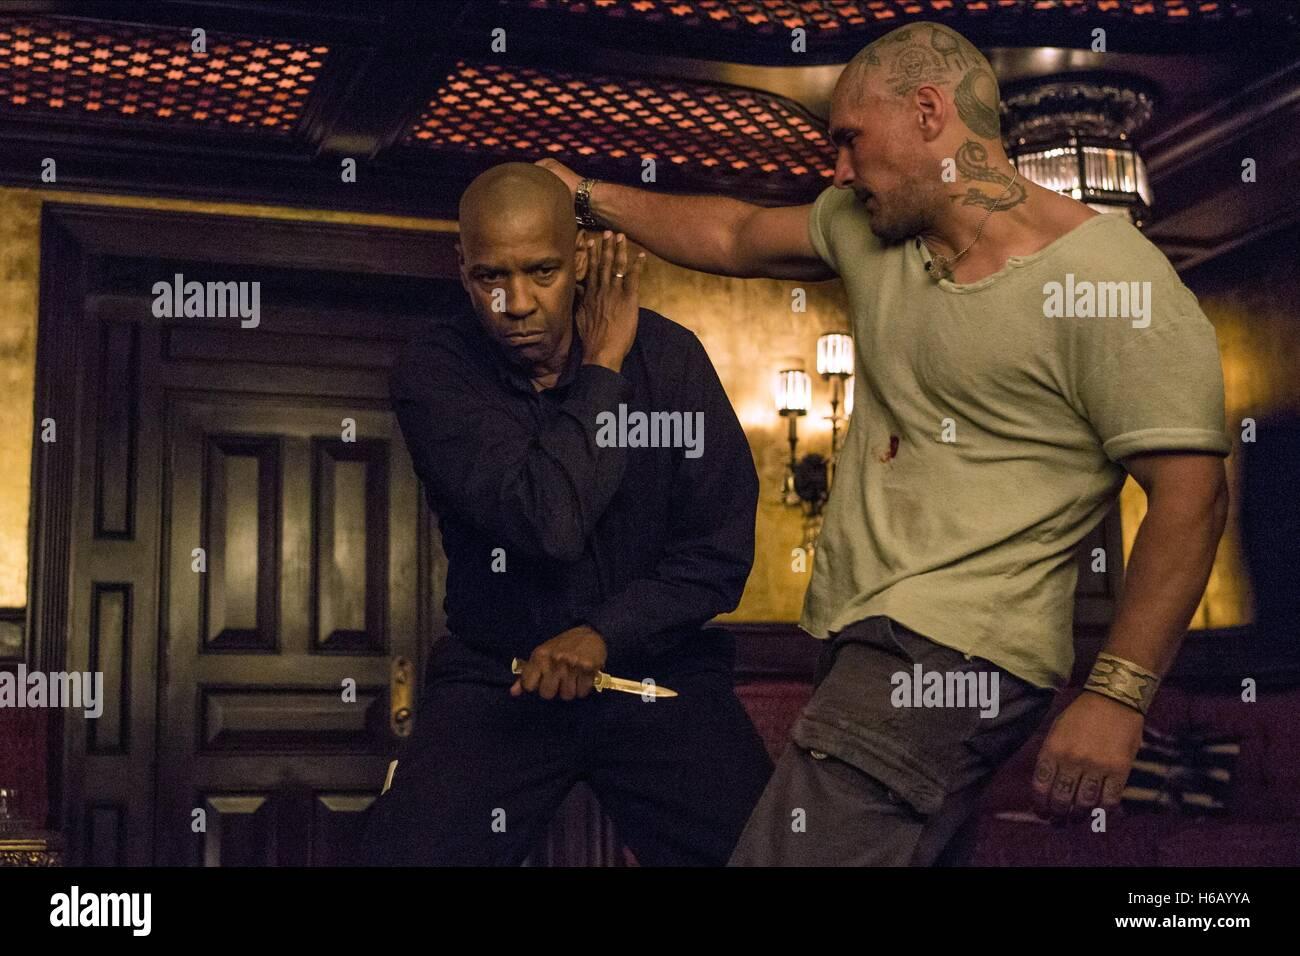 Denzel Washington Tihomir Dukic The Equalizer 2014 Stock Photo Alamy